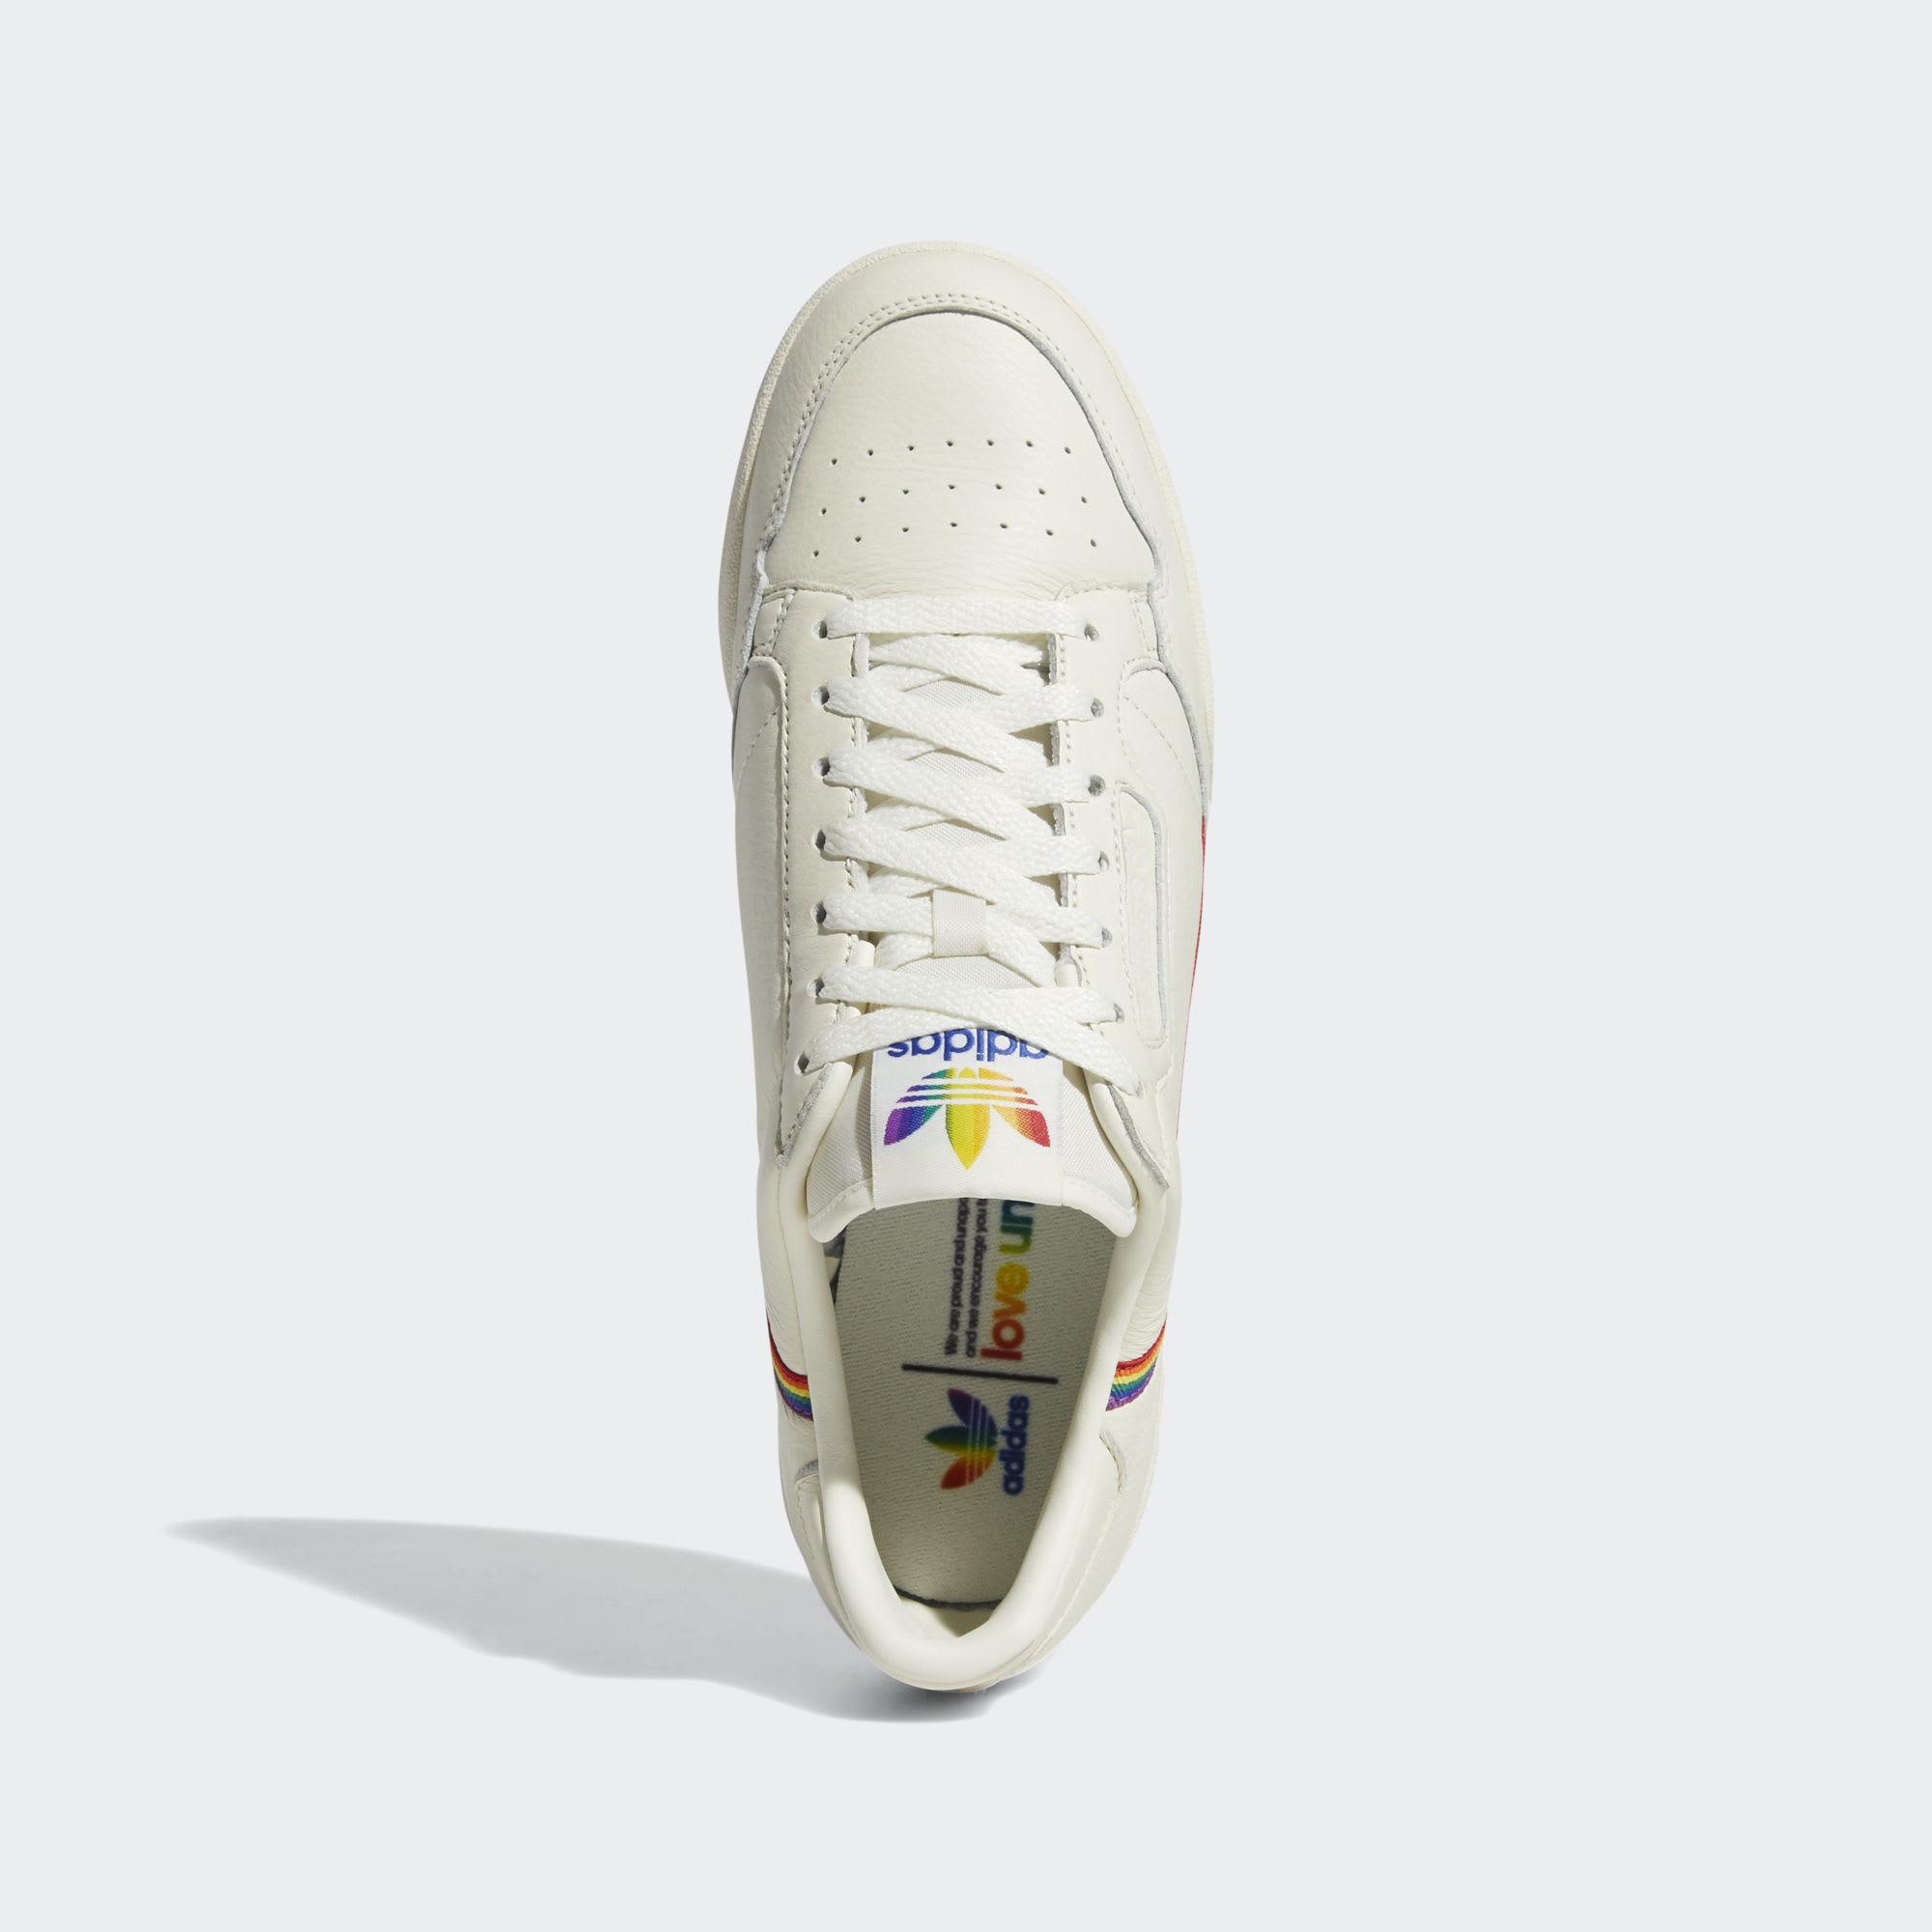 Adidas Continental 80 'Pride' EF2318 (Top)